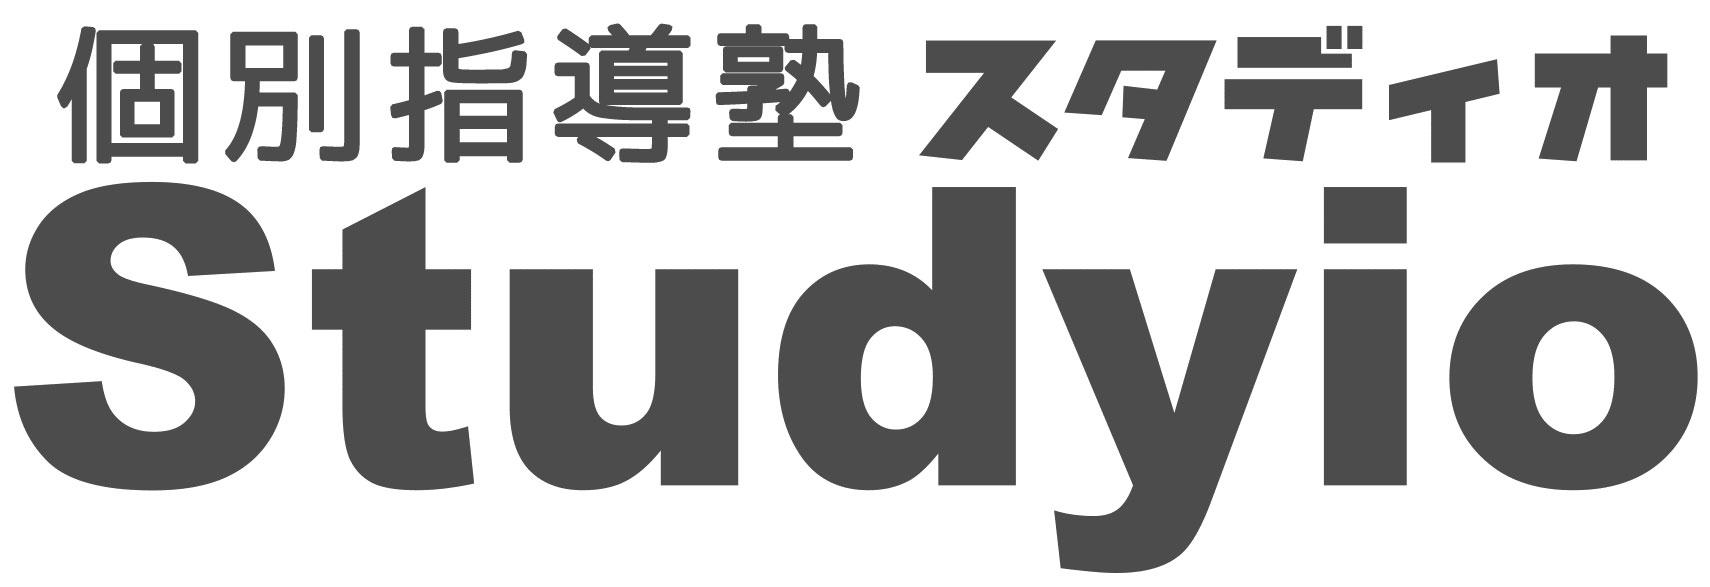 淵野辺・共和の高校受験専門の個別指導塾 Studyio 【スタディオ】